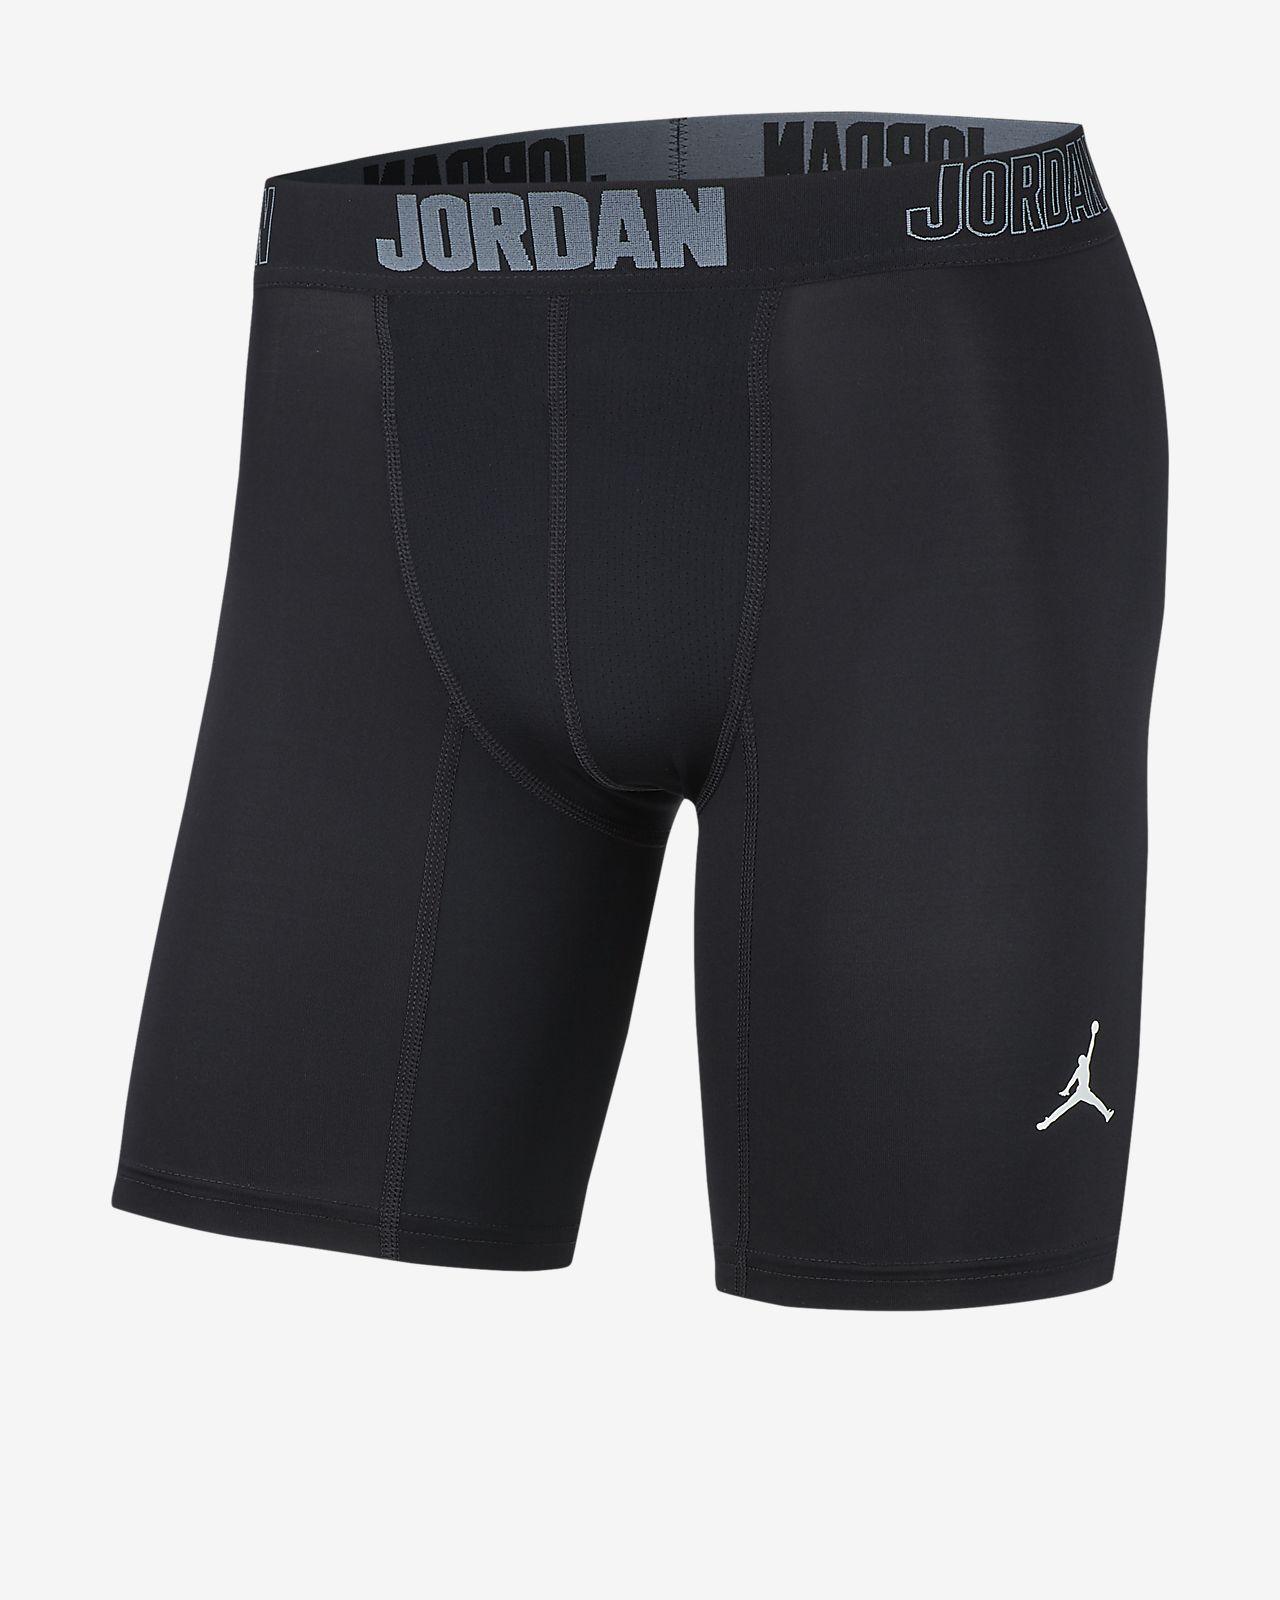 กางเกงบาสเก็ตบอลขาสั้น 6 นิ้วผู้ชาย Jordan Alpha